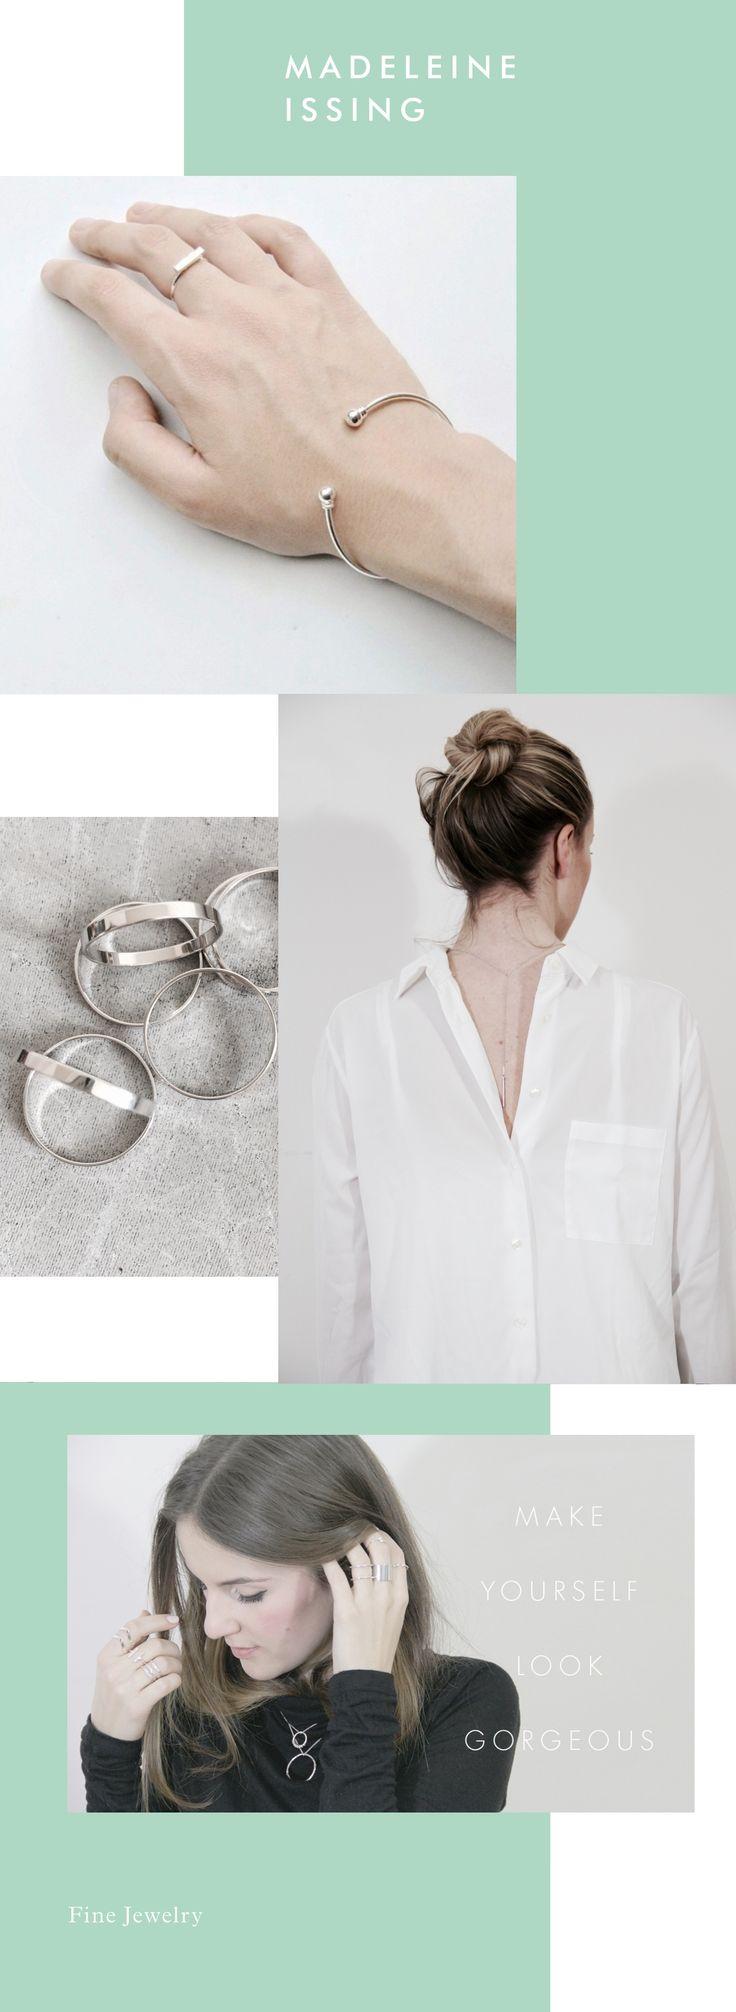 Silberschmuck - hochwertiger Modeschmuck - MADELEINE ISSING